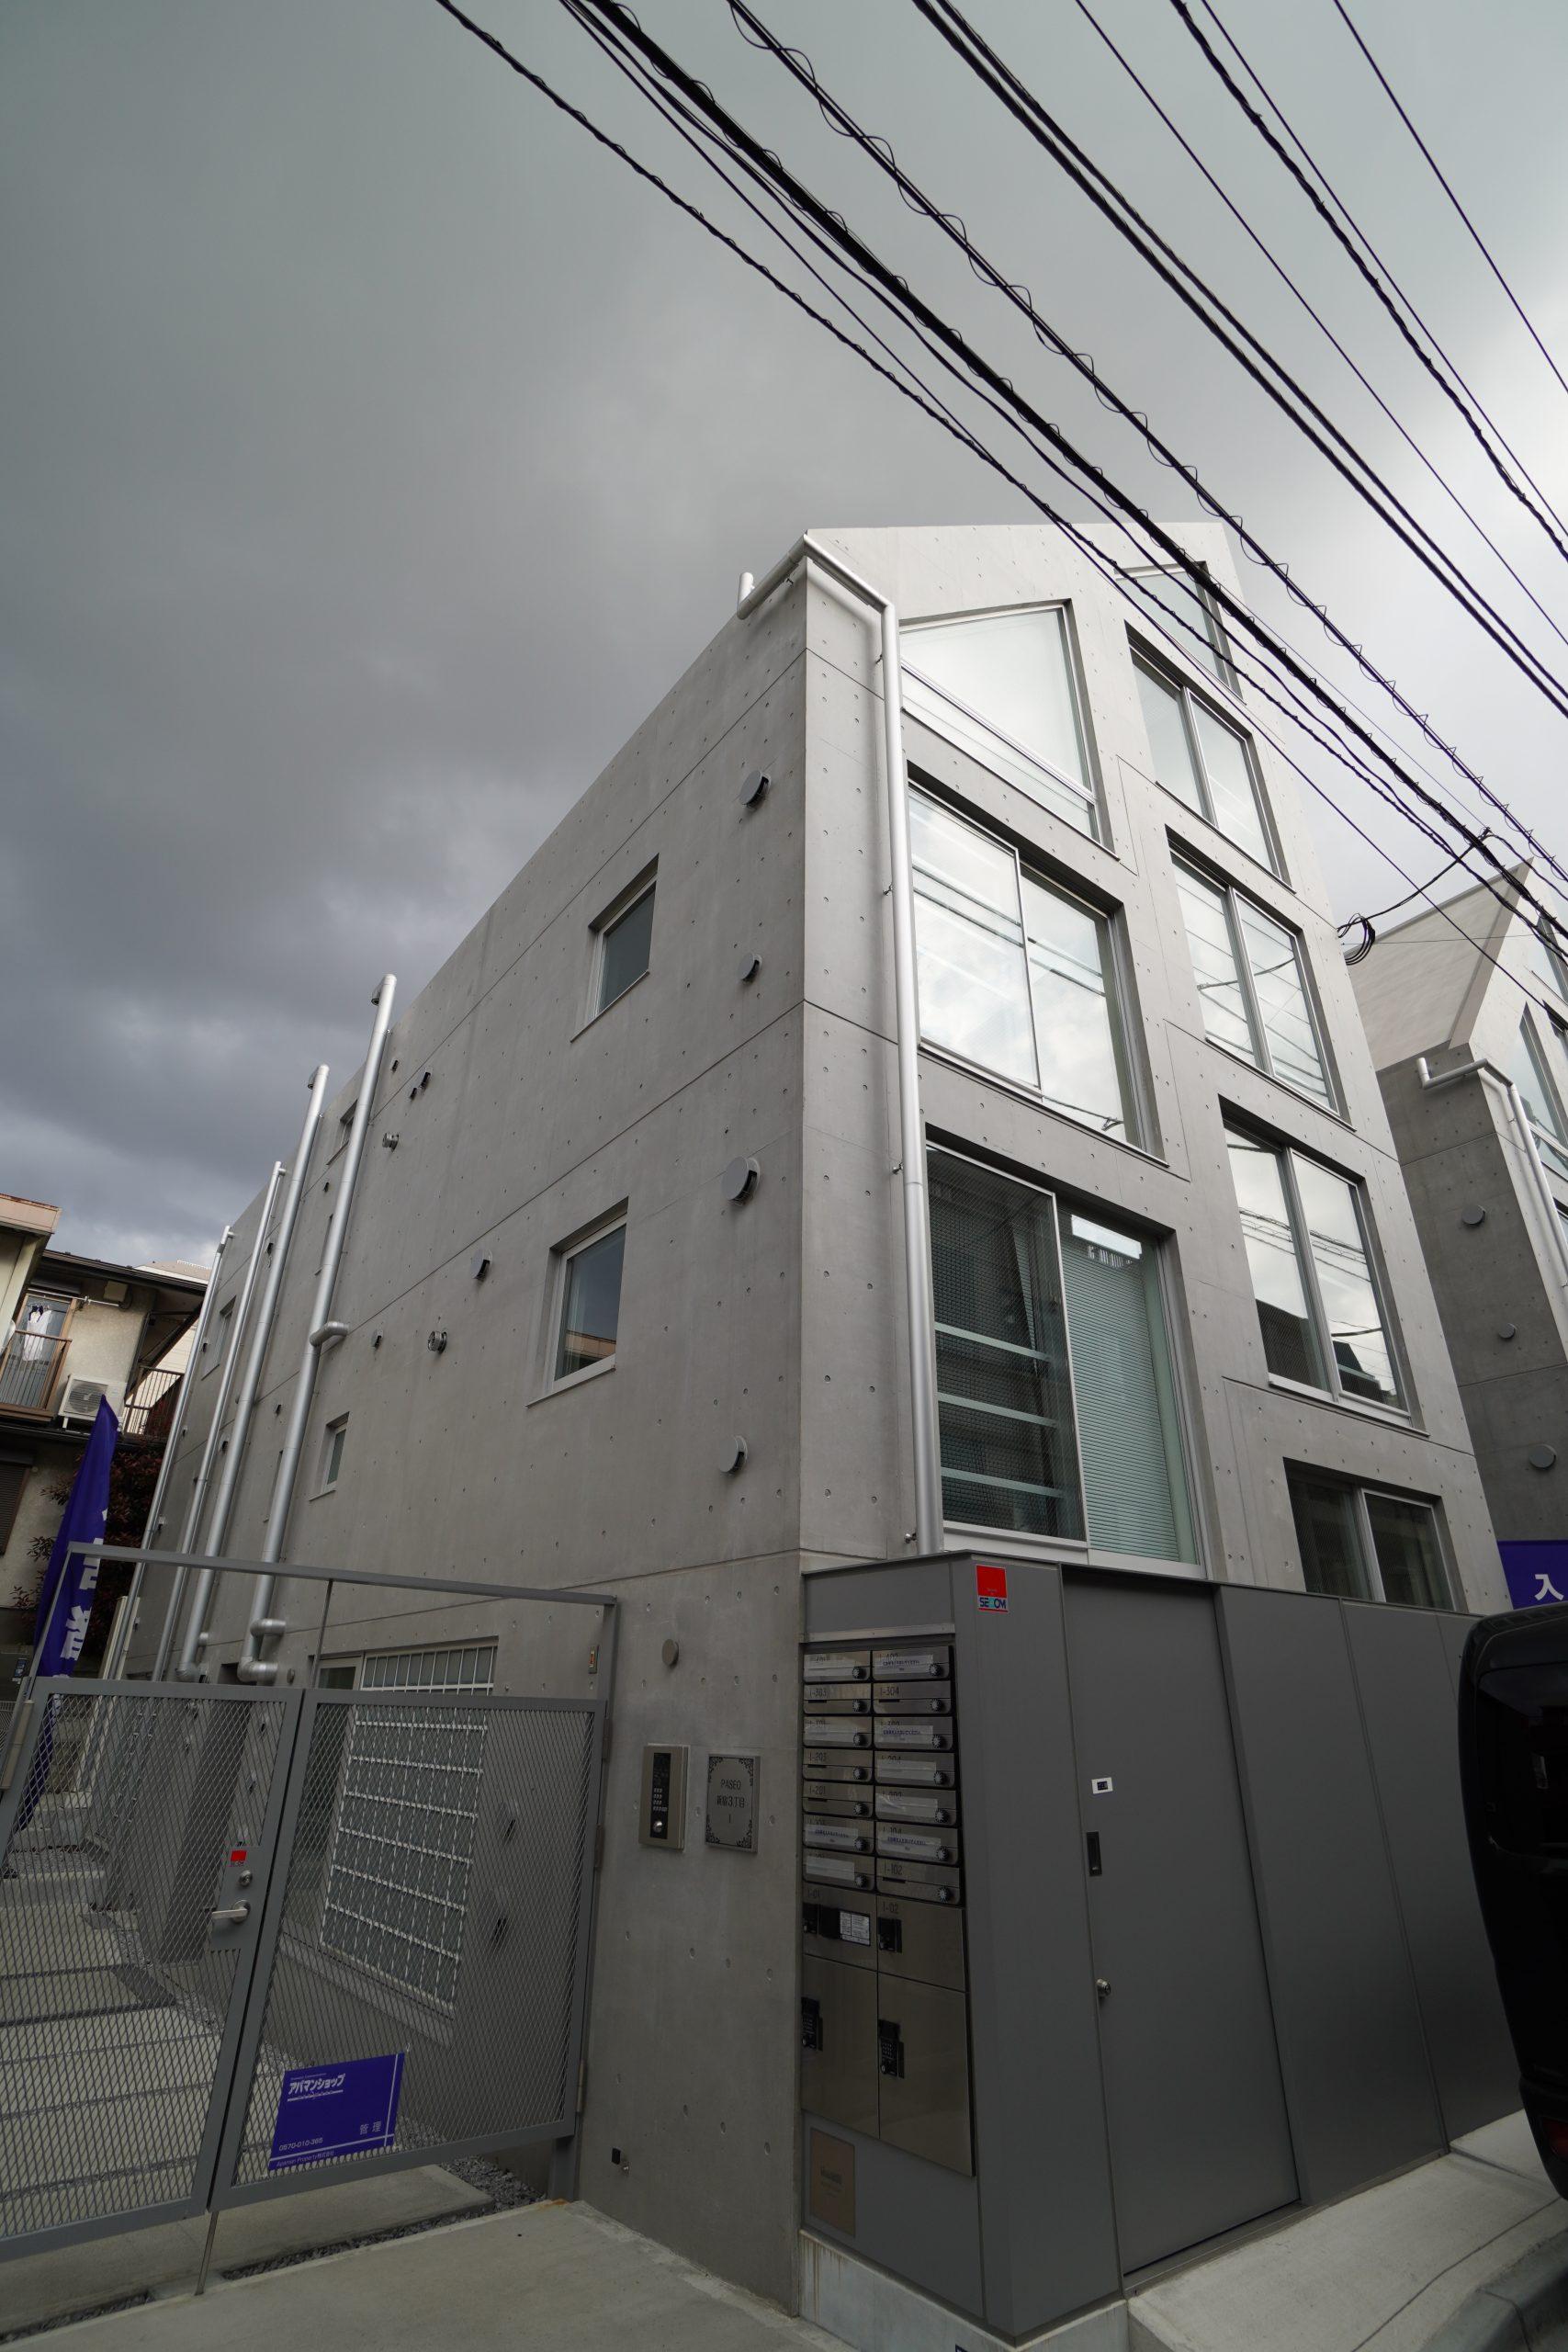 PASEO新宿三丁目Iの写真2